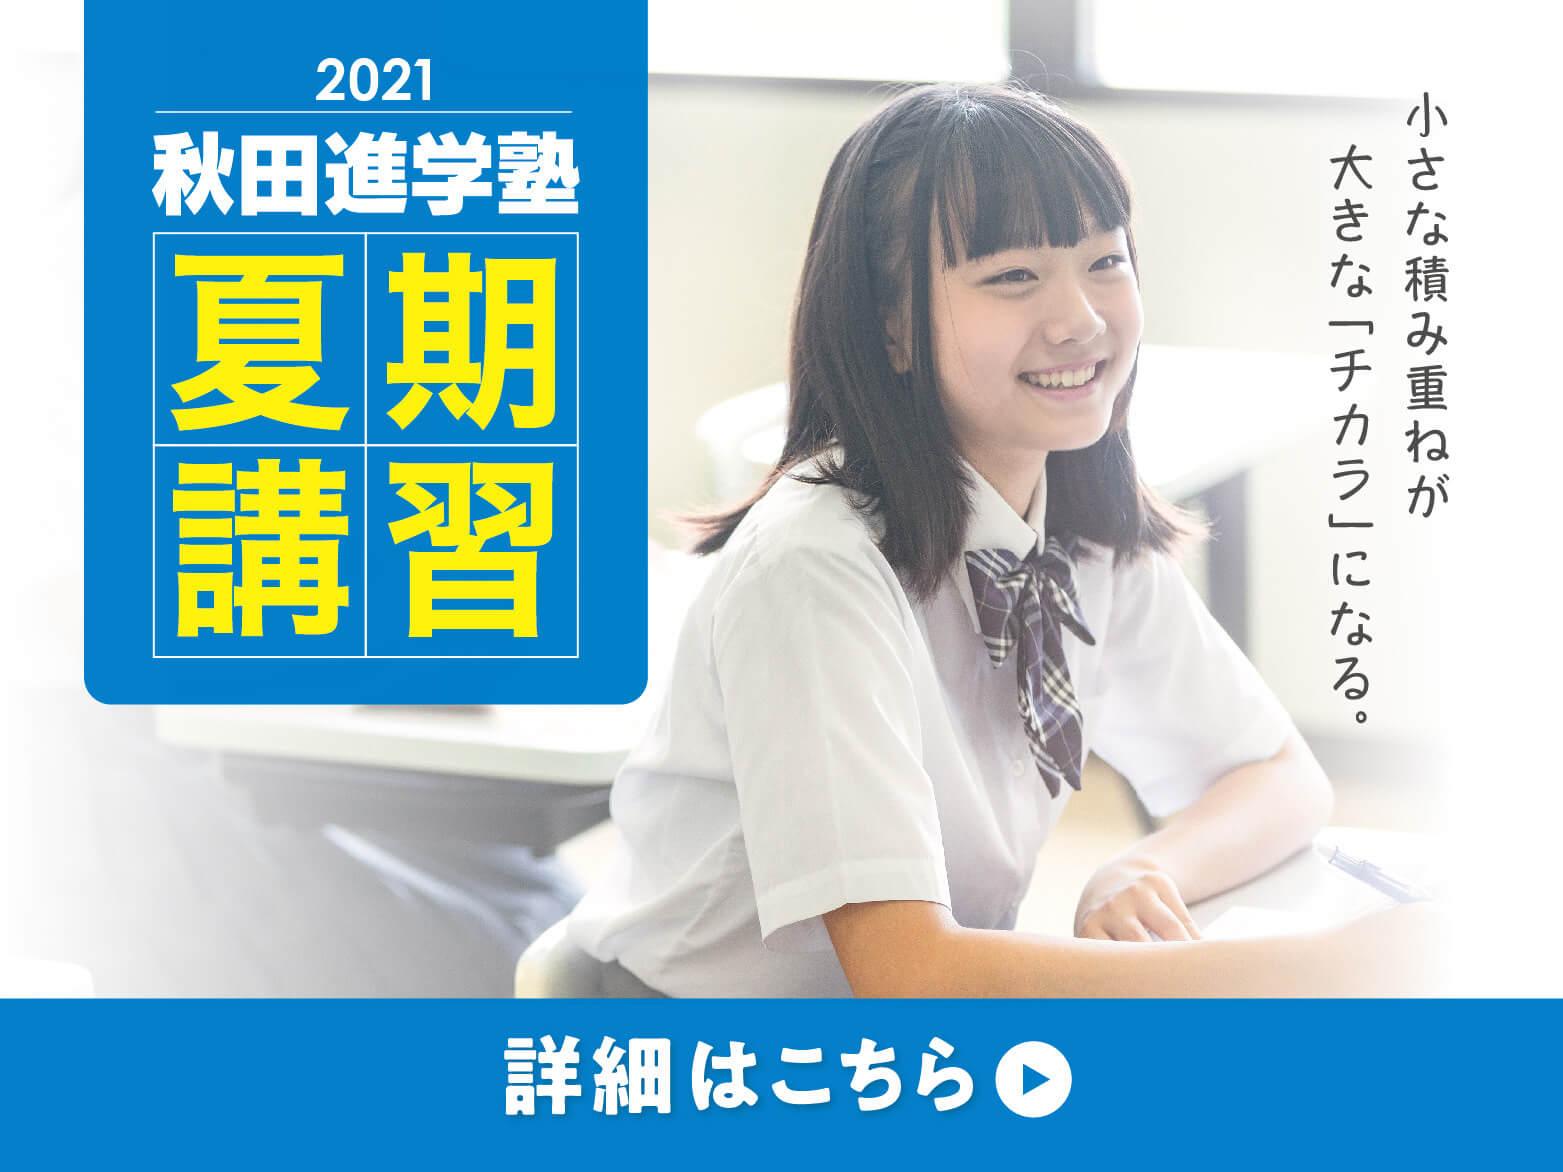 秋田進学塾 2021 夏季講習